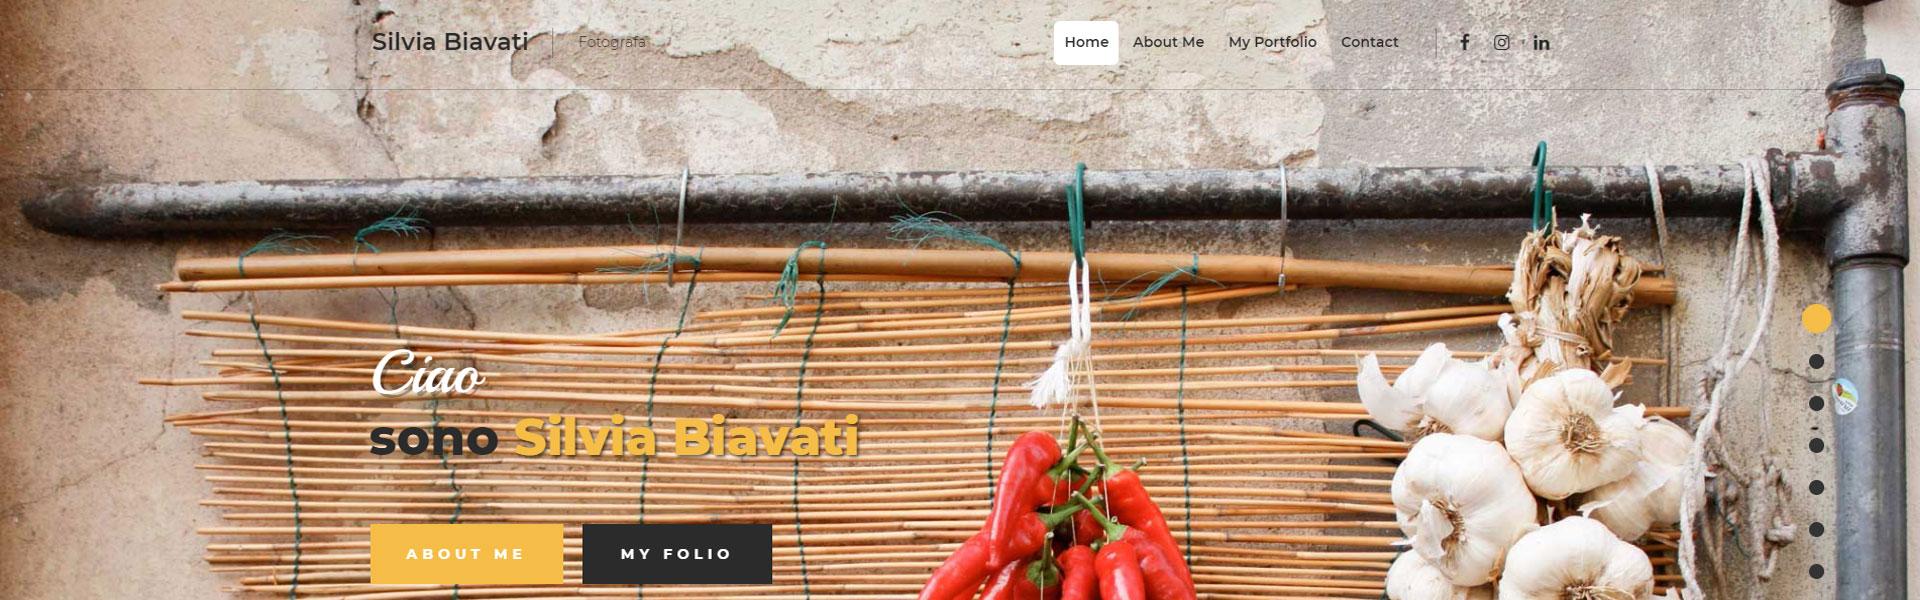 andrea dolcetti design web silvia - progetticontattami - architetto ferrara